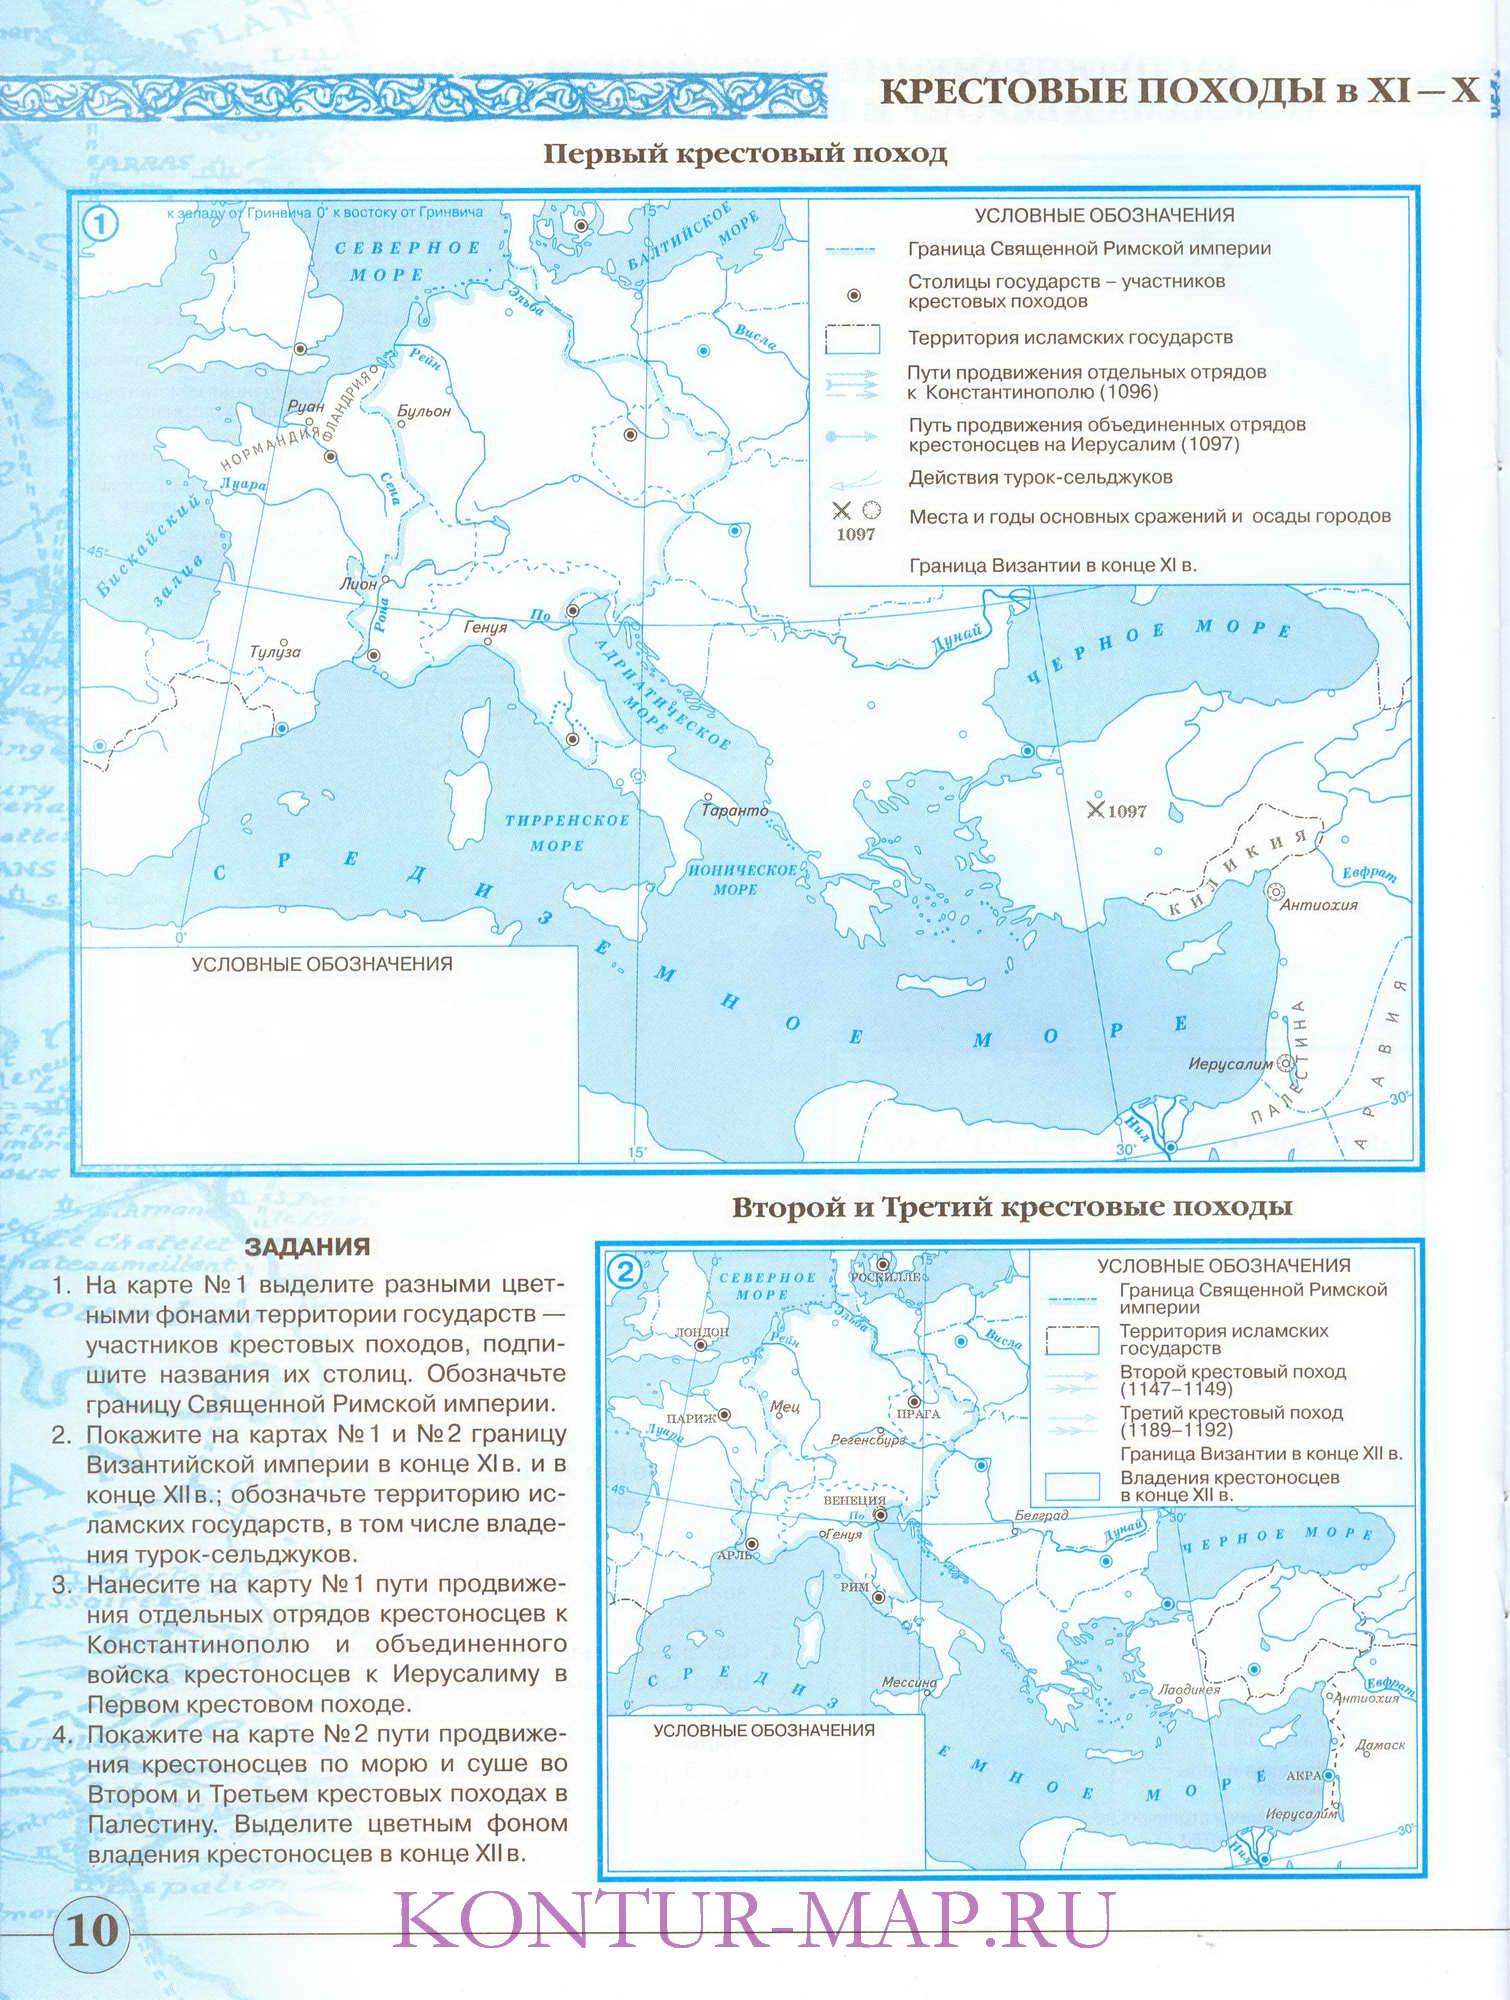 Гдз контурные карты 6 класс всемирная история